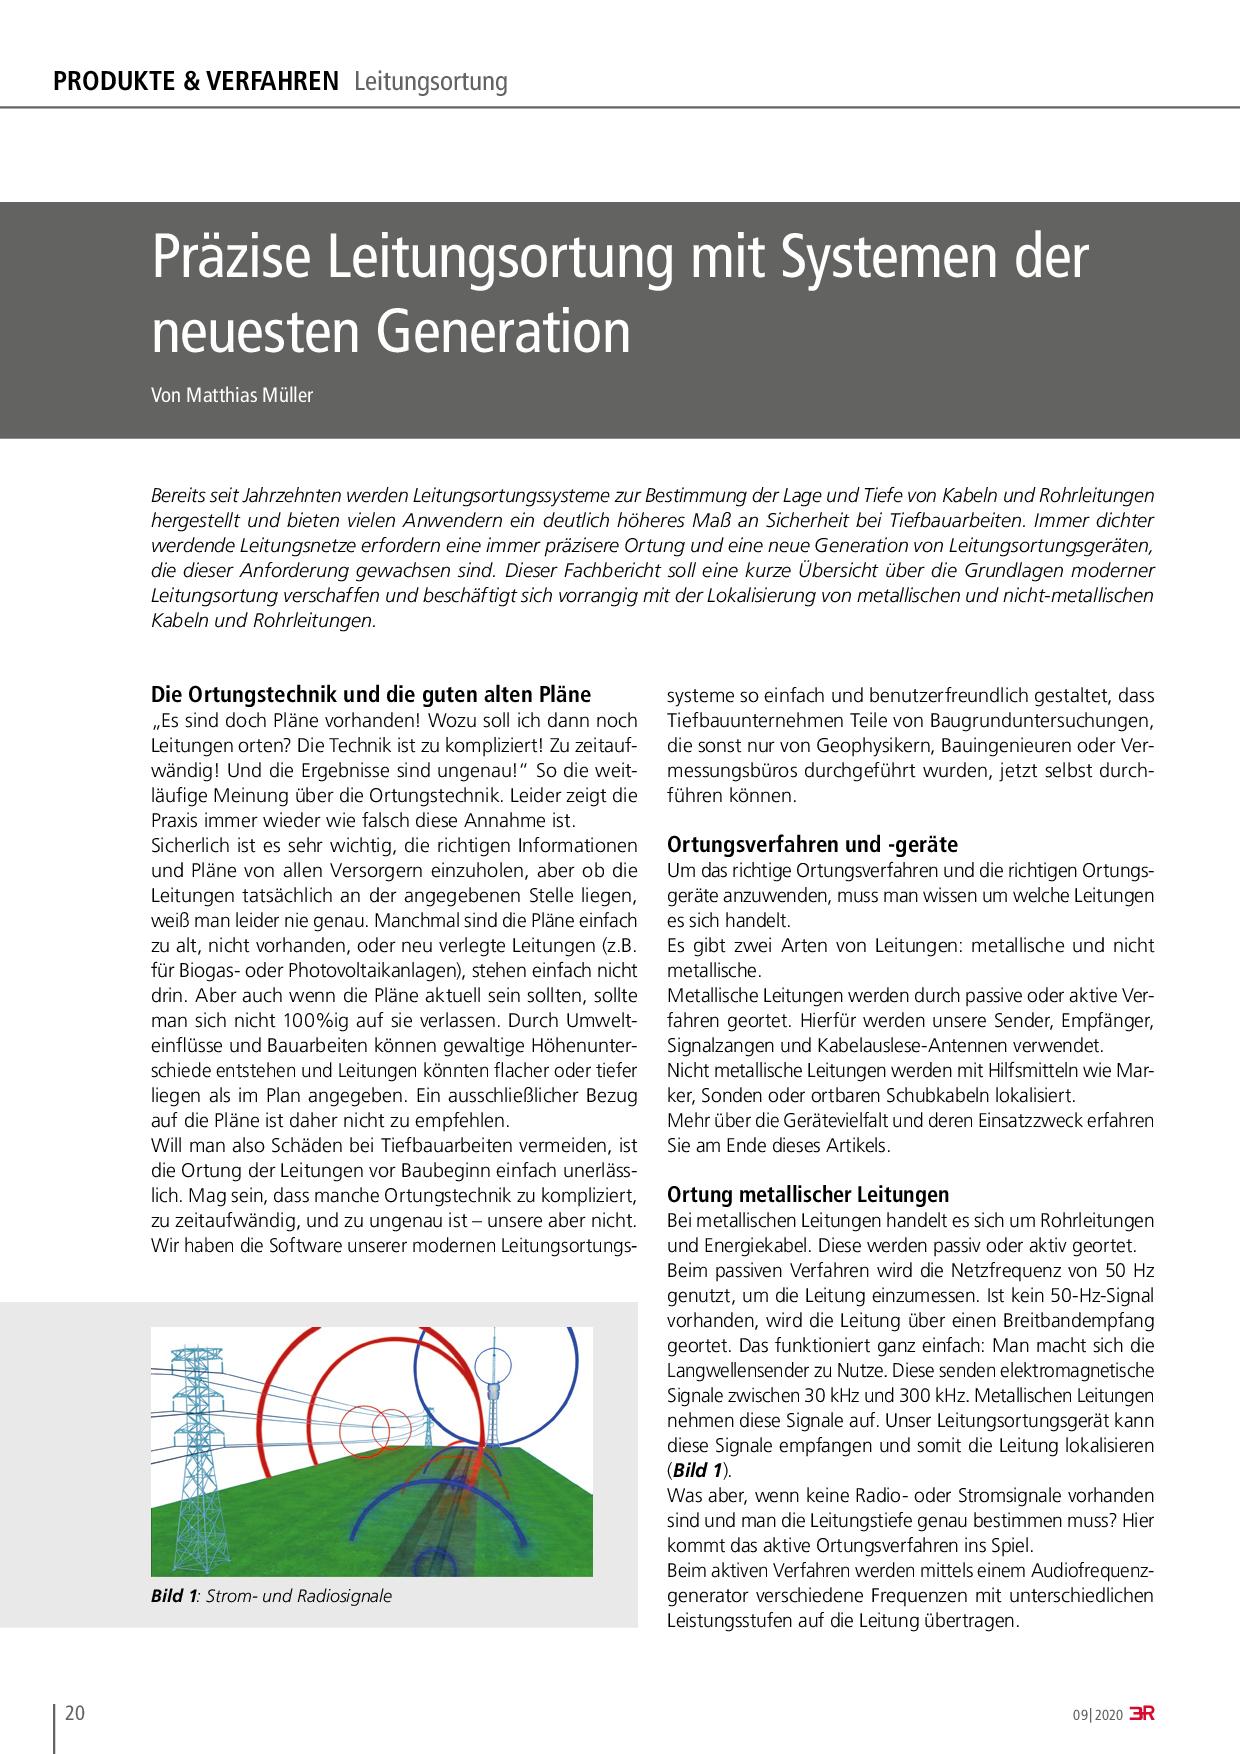 Präzise Leitungsortung mit Systemen der neuesten Generation